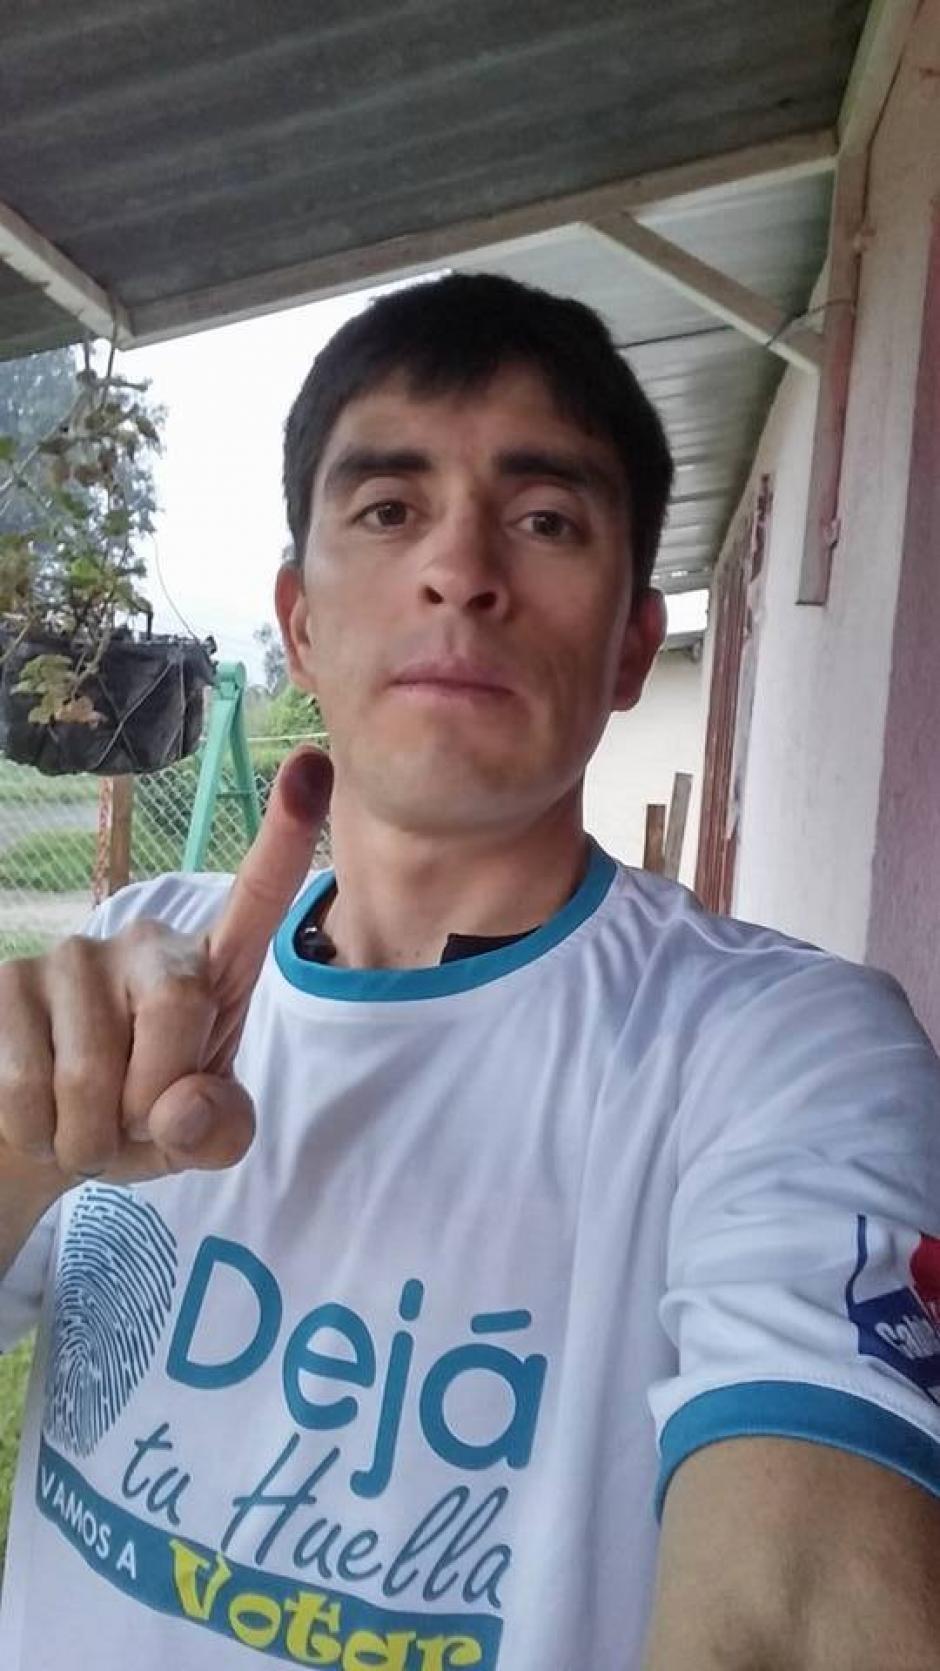 El ciclista quetzalteco Manuel Rodas, emitió su sufragio y compartió esta fotografía. (Foto: Cortesía)